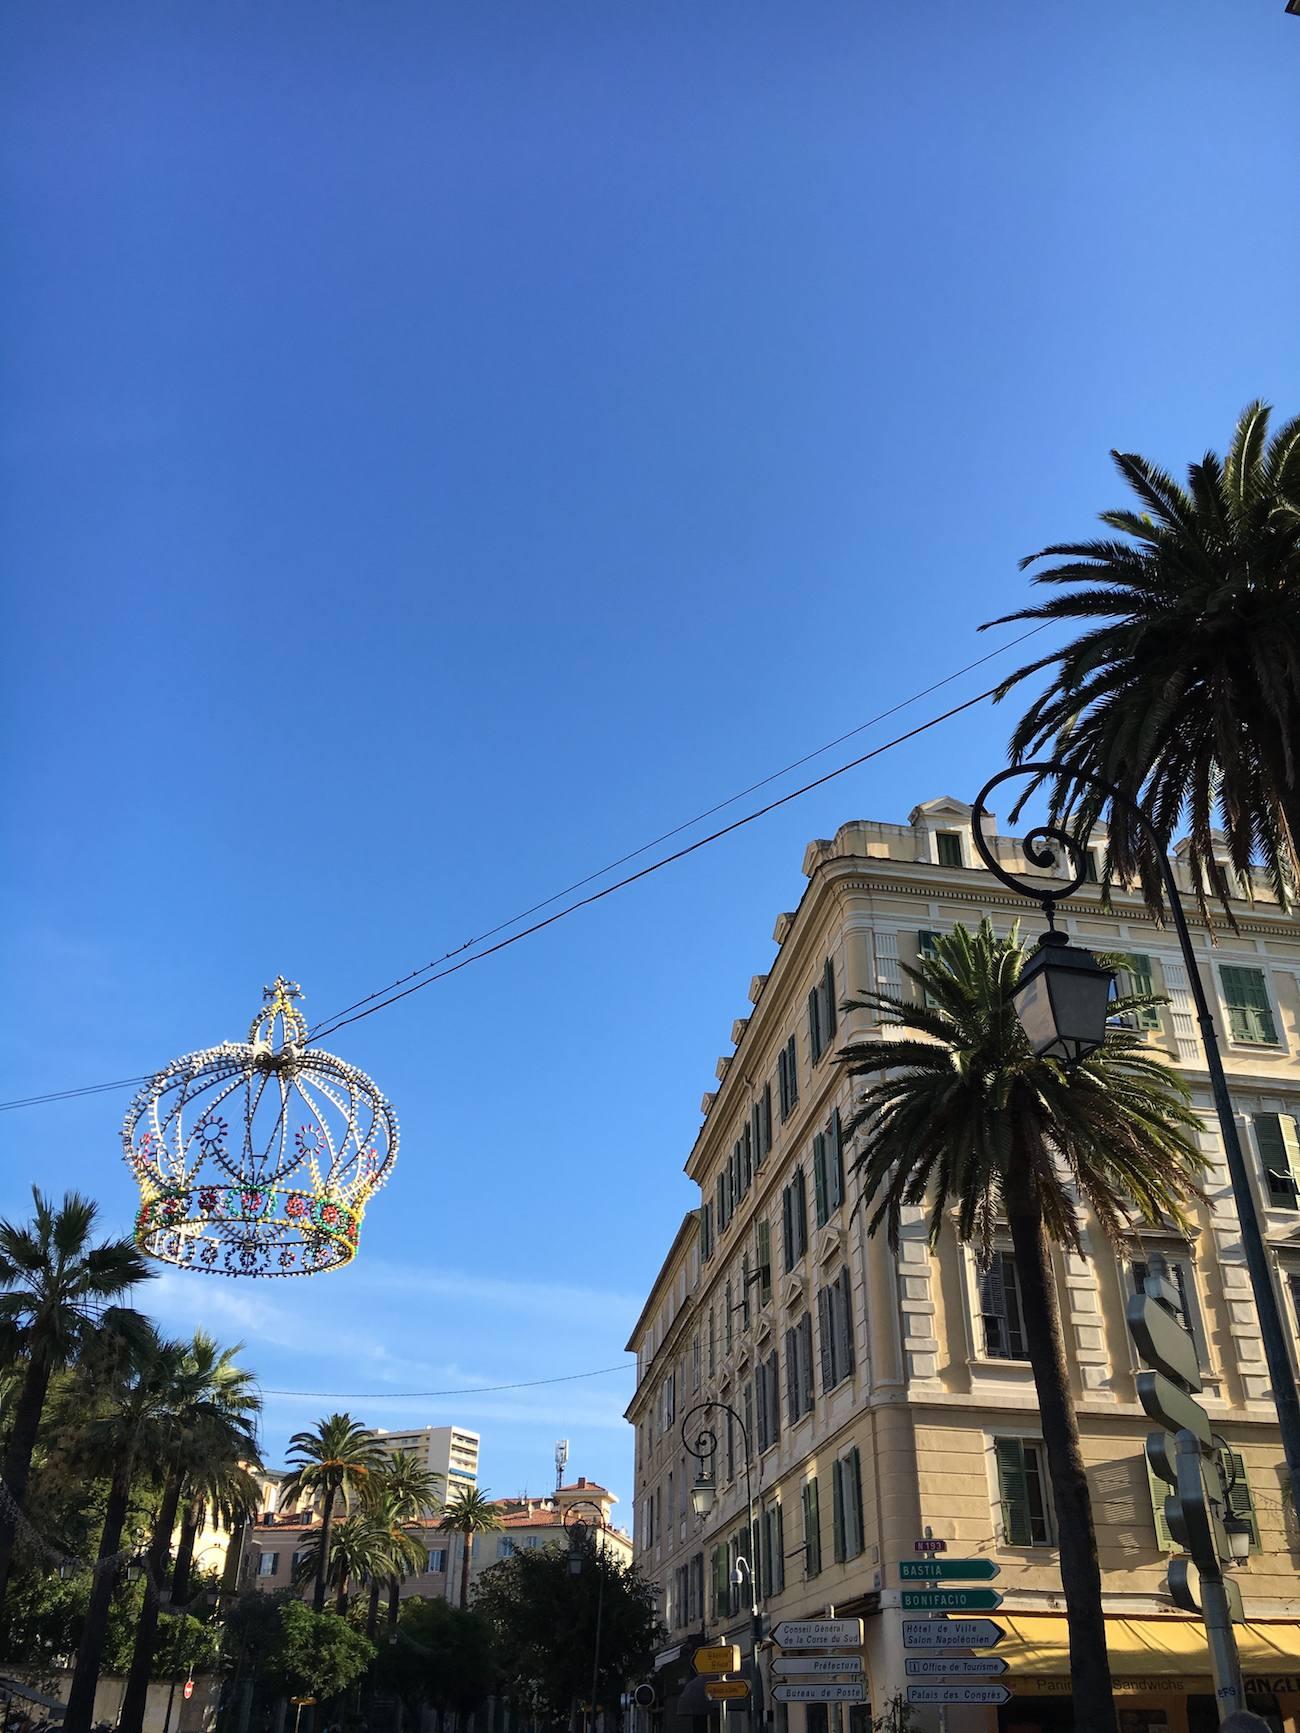 Corse - Road trip bonnes adresses - Blog Voyage nantes 1